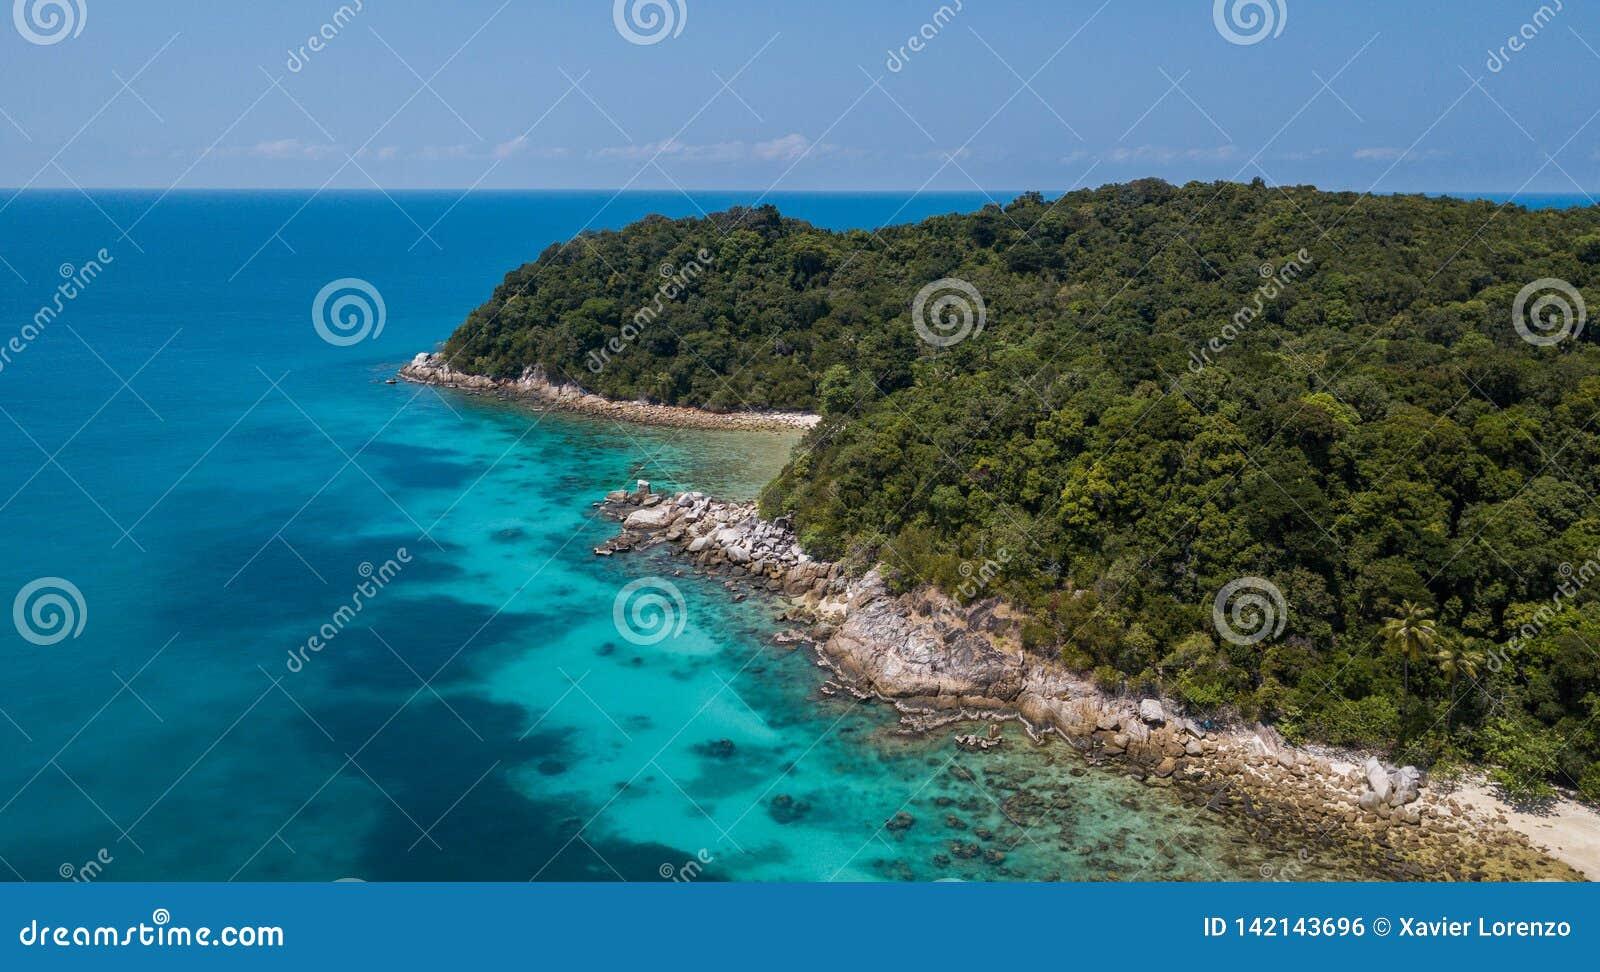 Vogelperspektive der schönen panoramischen Landschaft von tropischer Perhentian-Insel mit sandigem Strand des Kristallwassers und